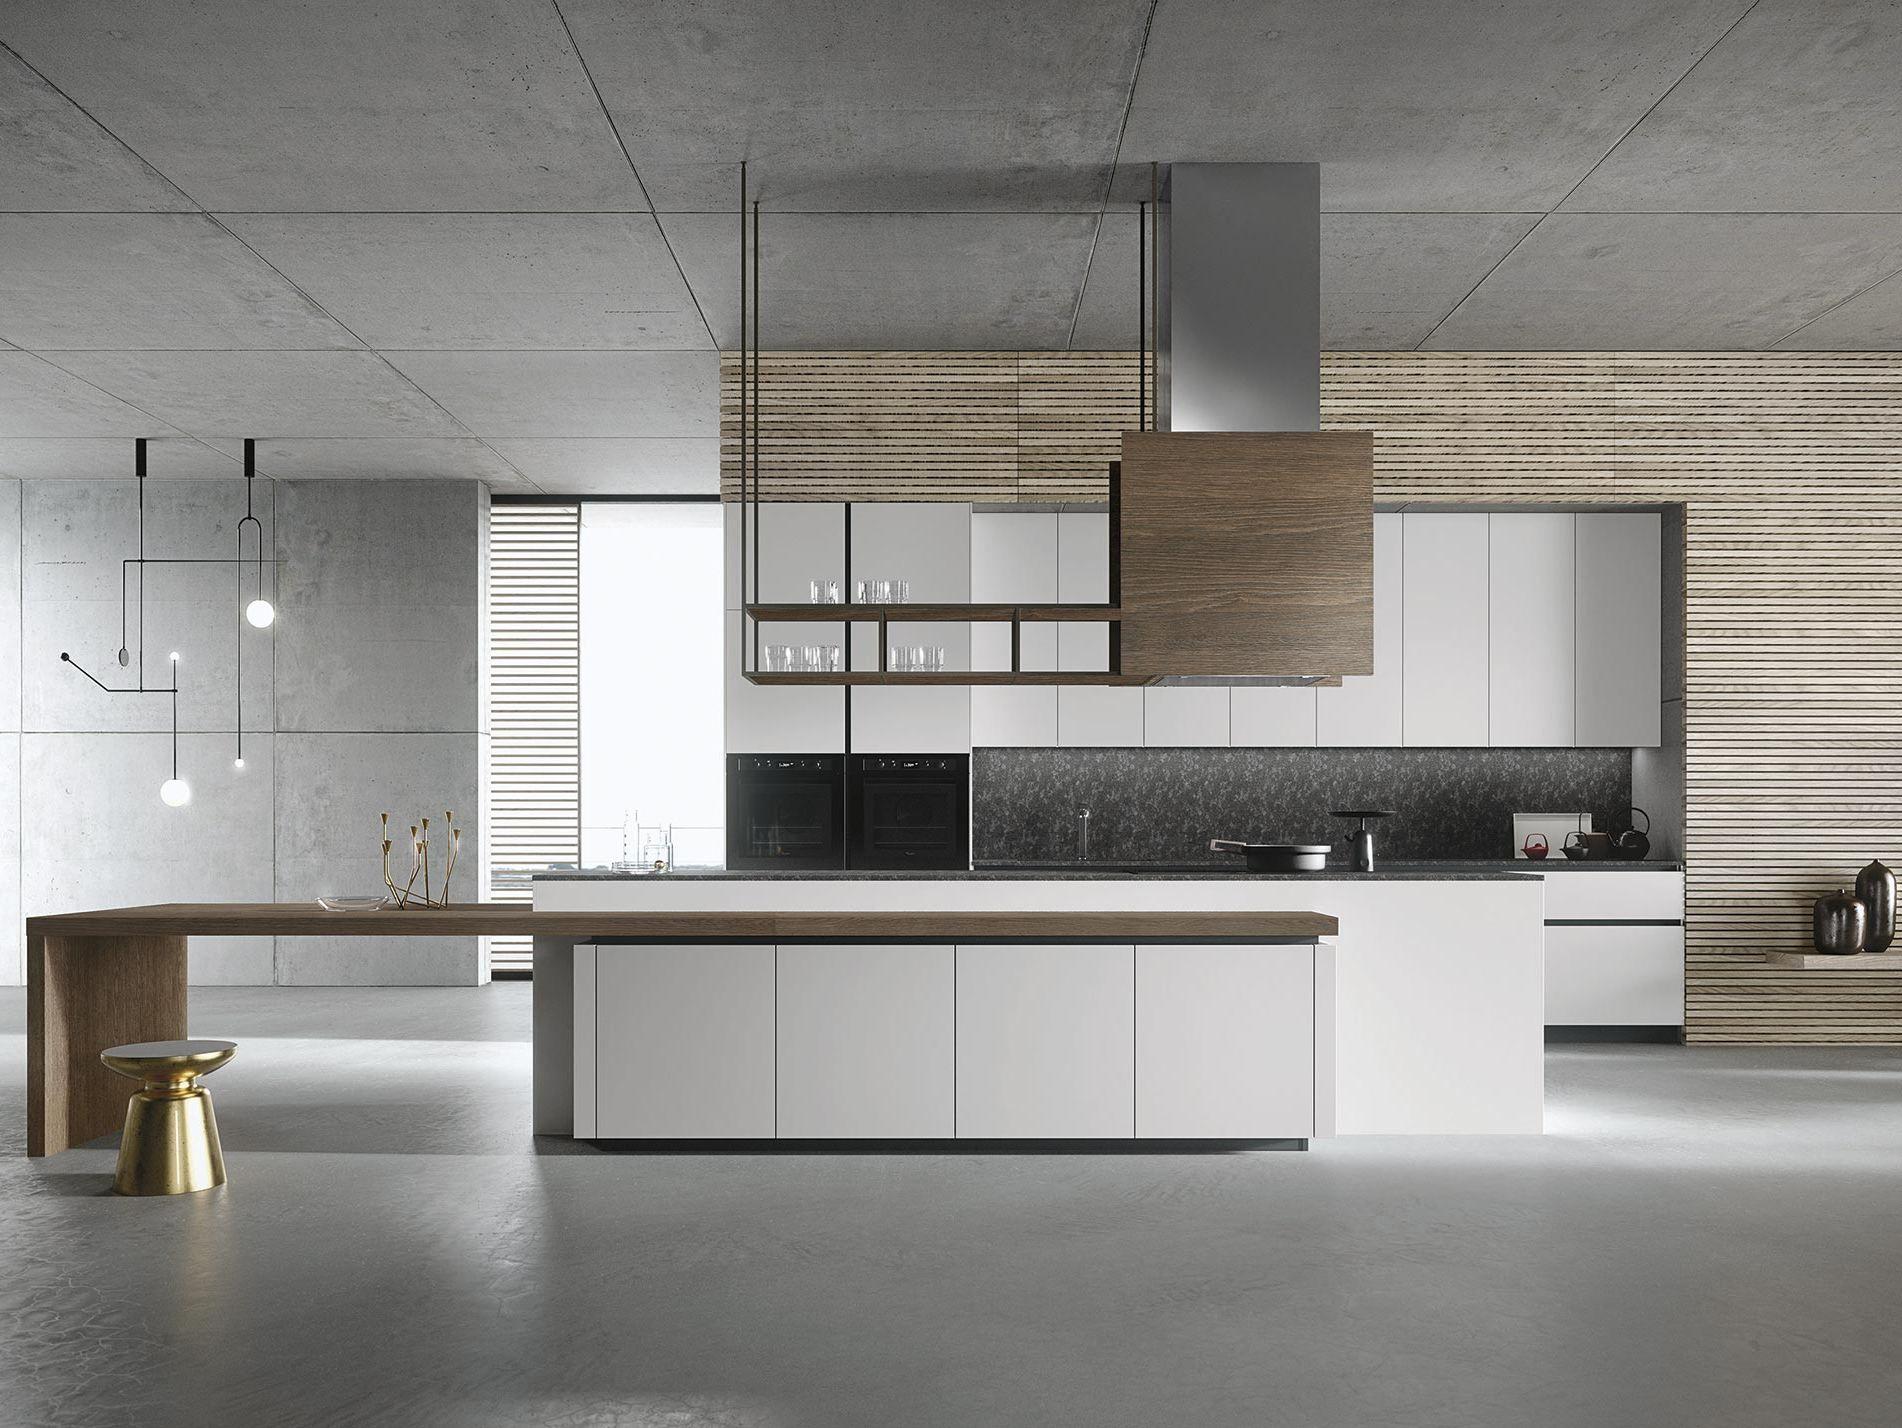 Le design essentiel et minimaliste s 39 exprime dans l for Construction maison minimaliste